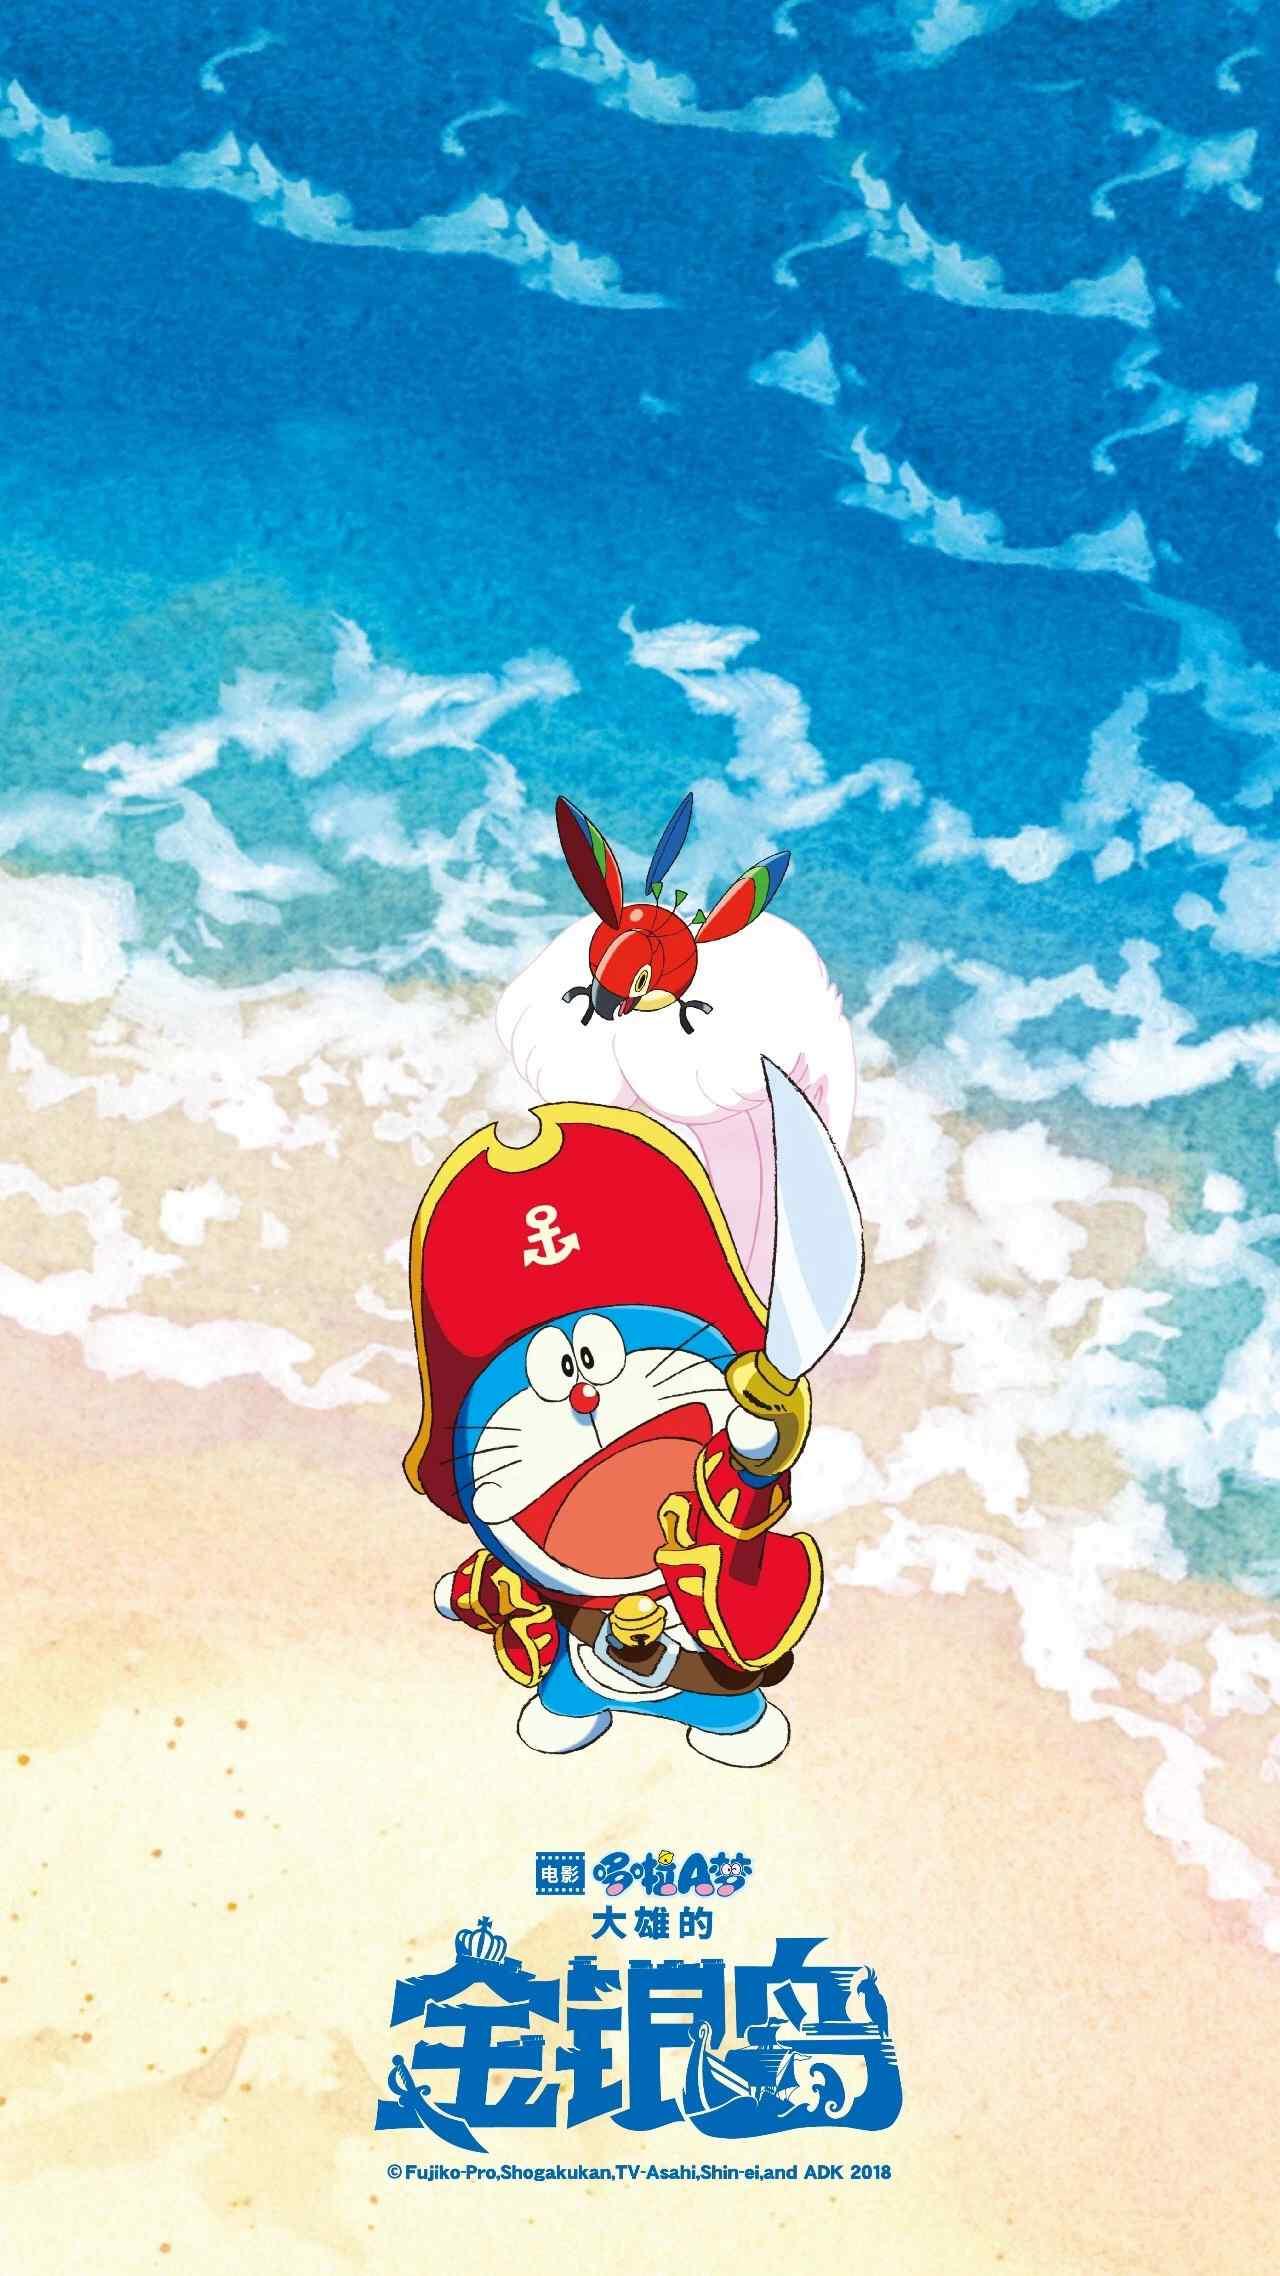 哆啦A梦:大雄的金银岛帅气可爱手机壁纸